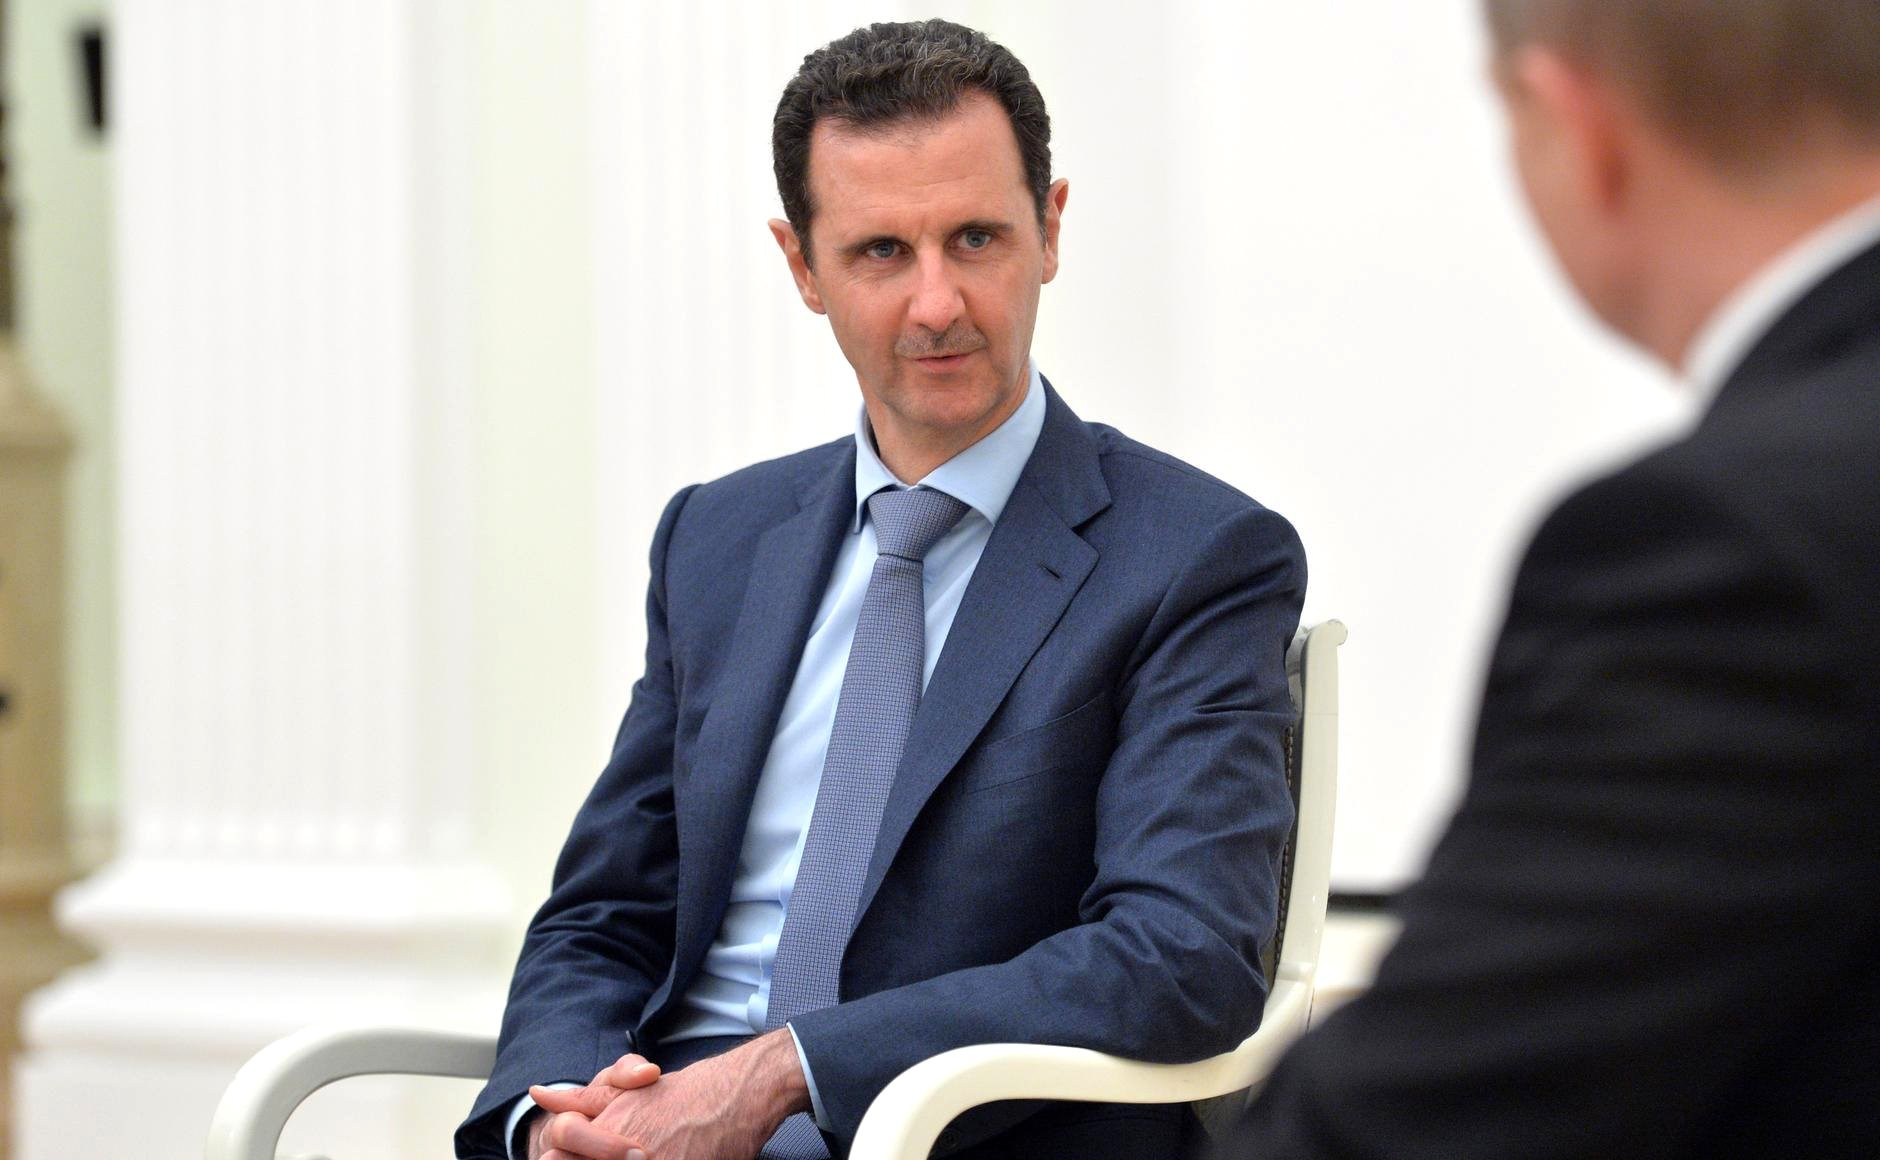 تقرير يكشف عن مخاوف بشار الأسد من لقاءات الروس مع العلويين المعارضين